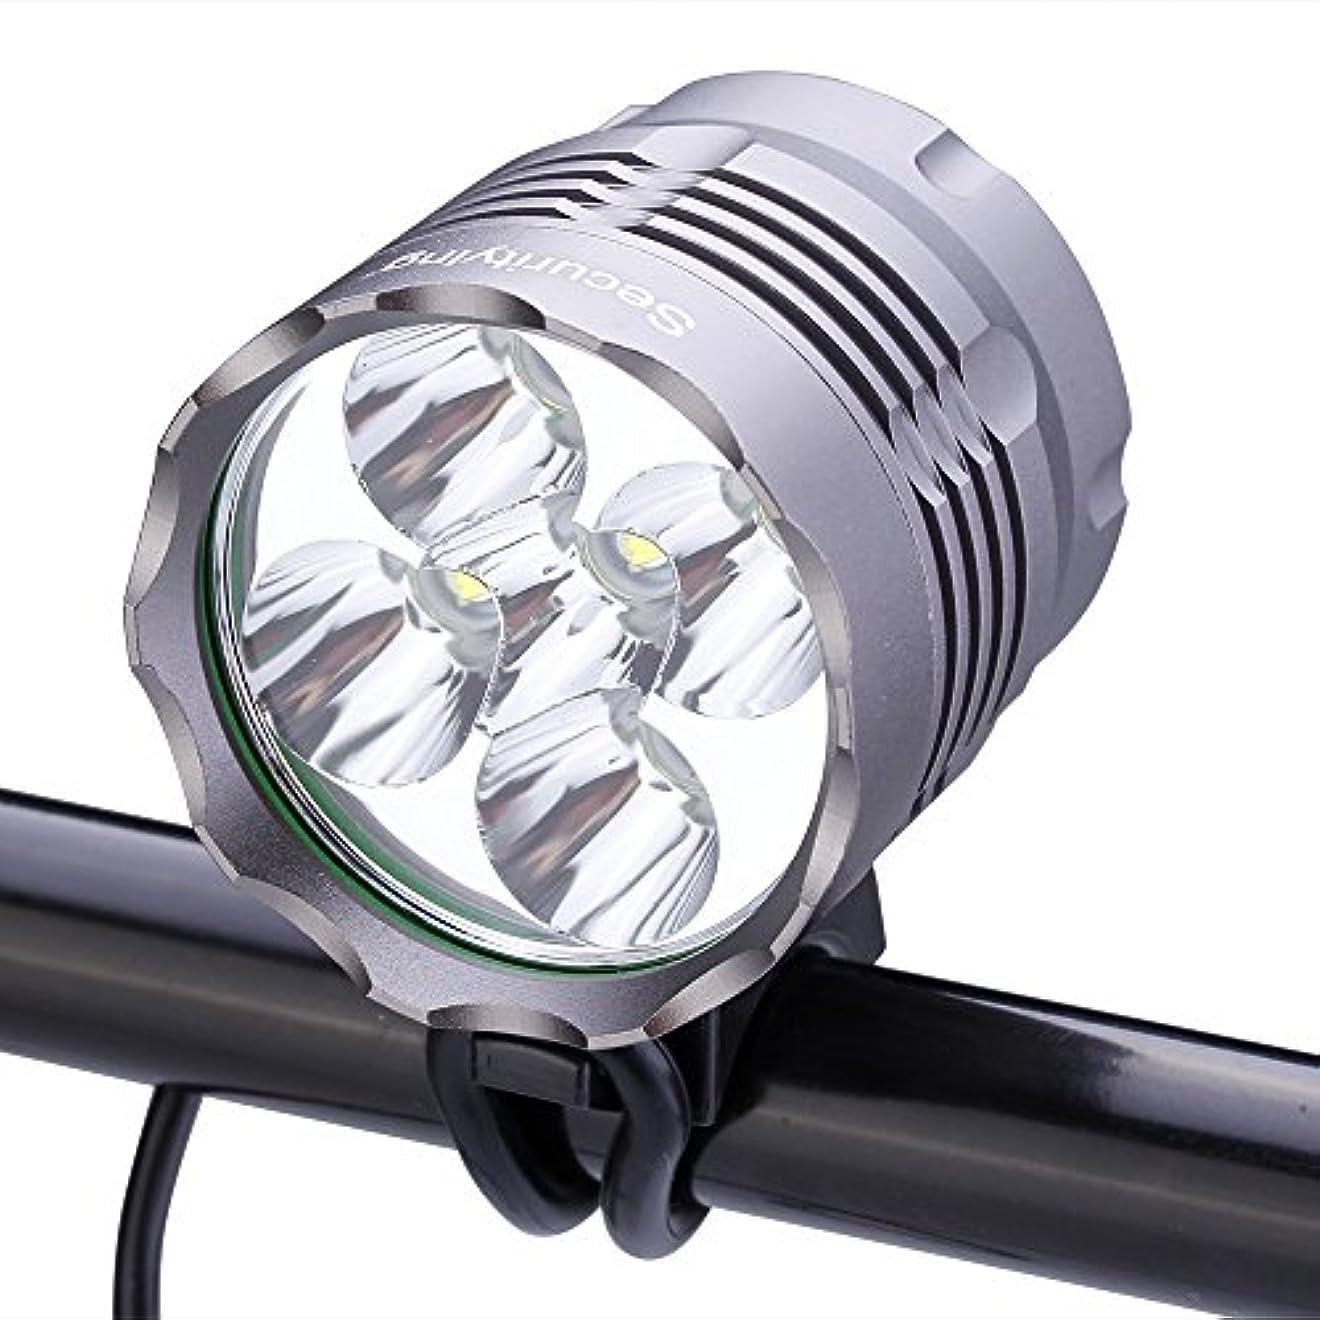 部族不実中断SecurityIng 防水 2500ルーメン LED 自転車ライト3モード 高輝度 ヘッドランプ 8.4V 8000mAh バッテリーパック&充電器付き